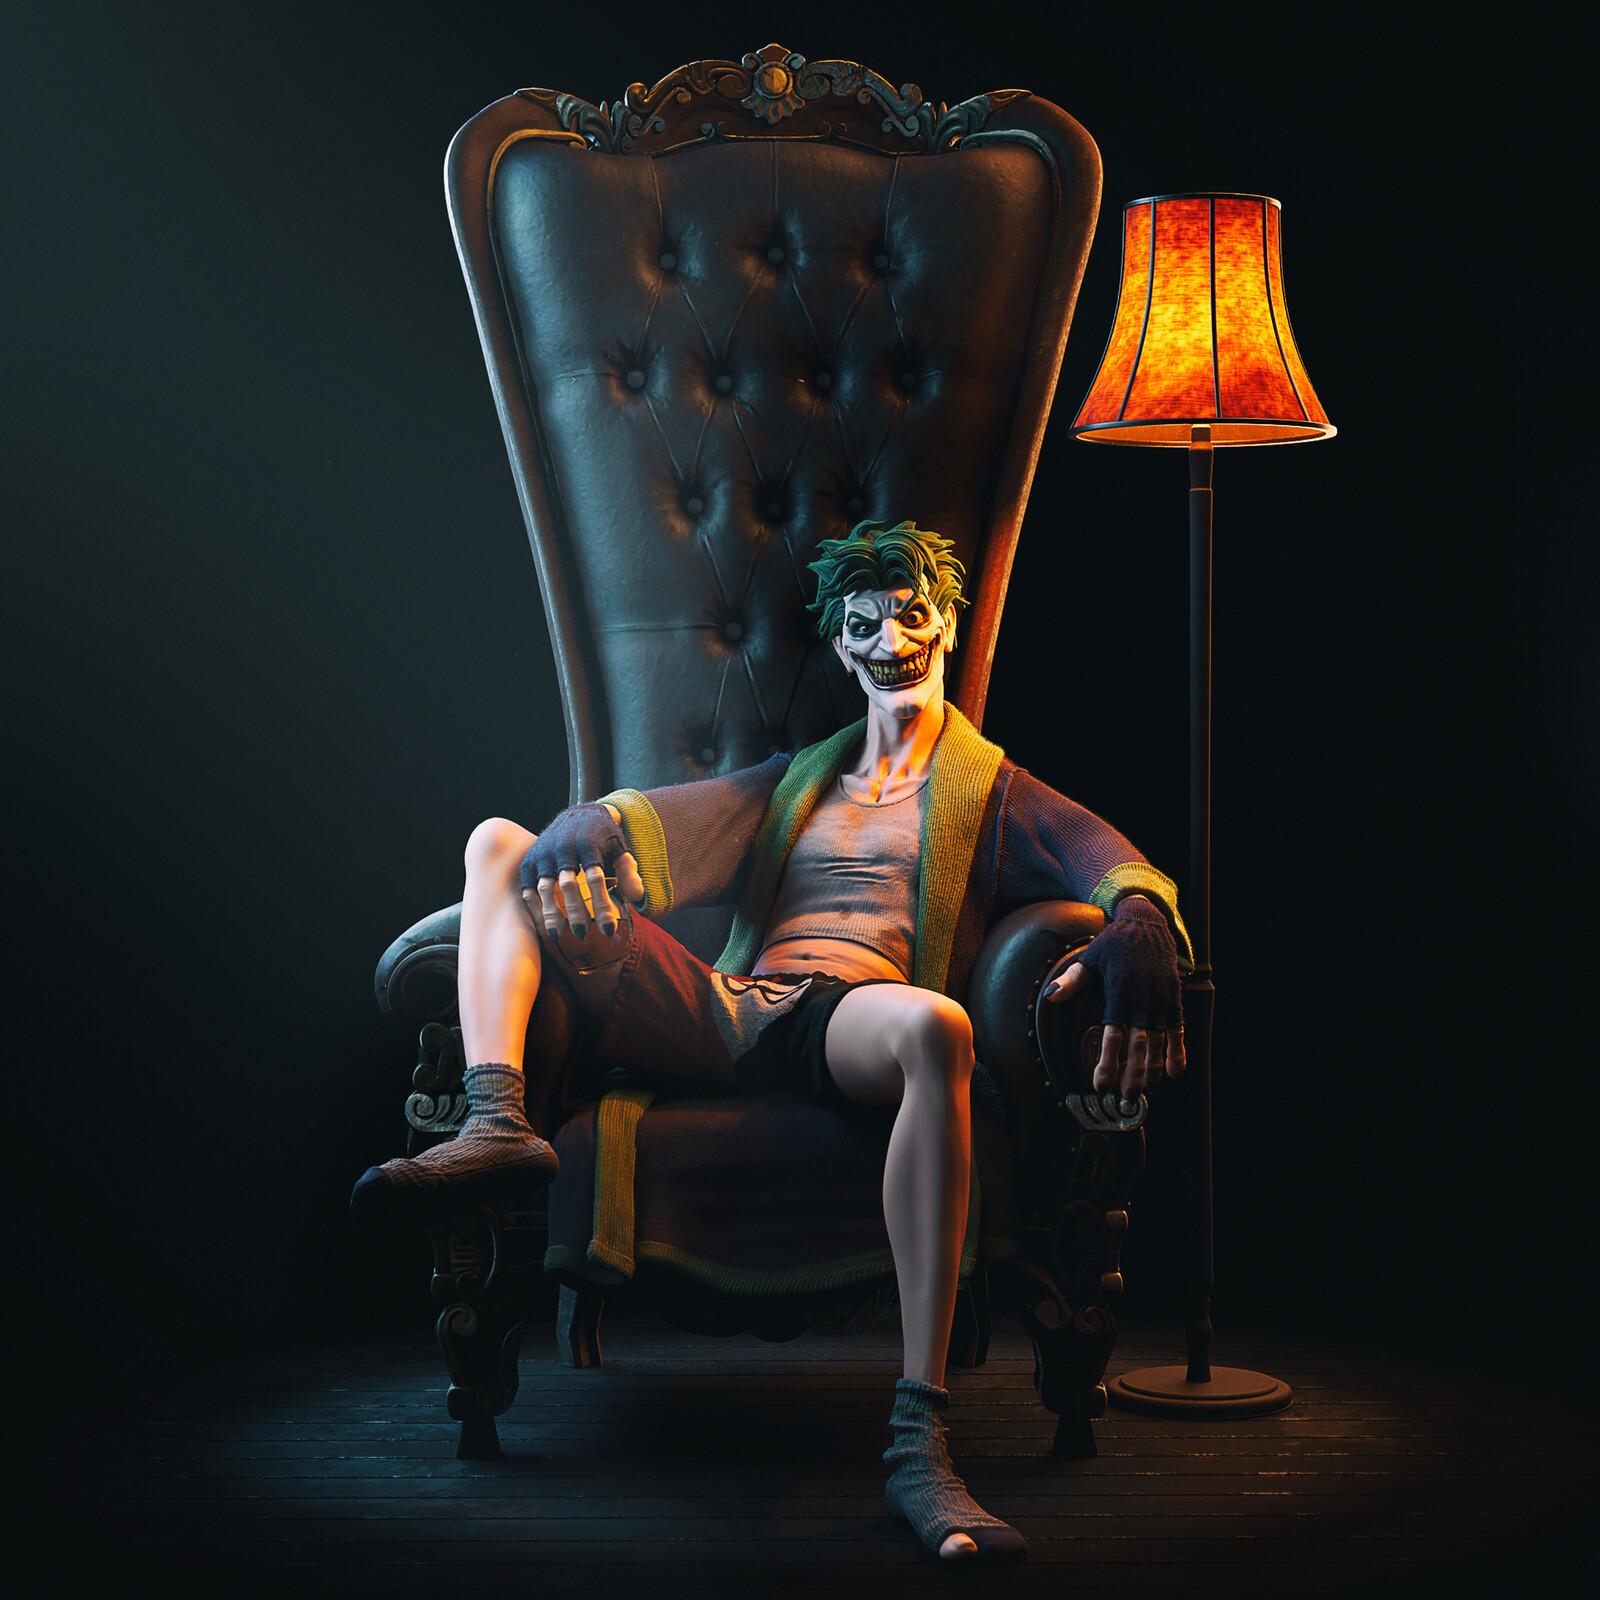 Joker chill